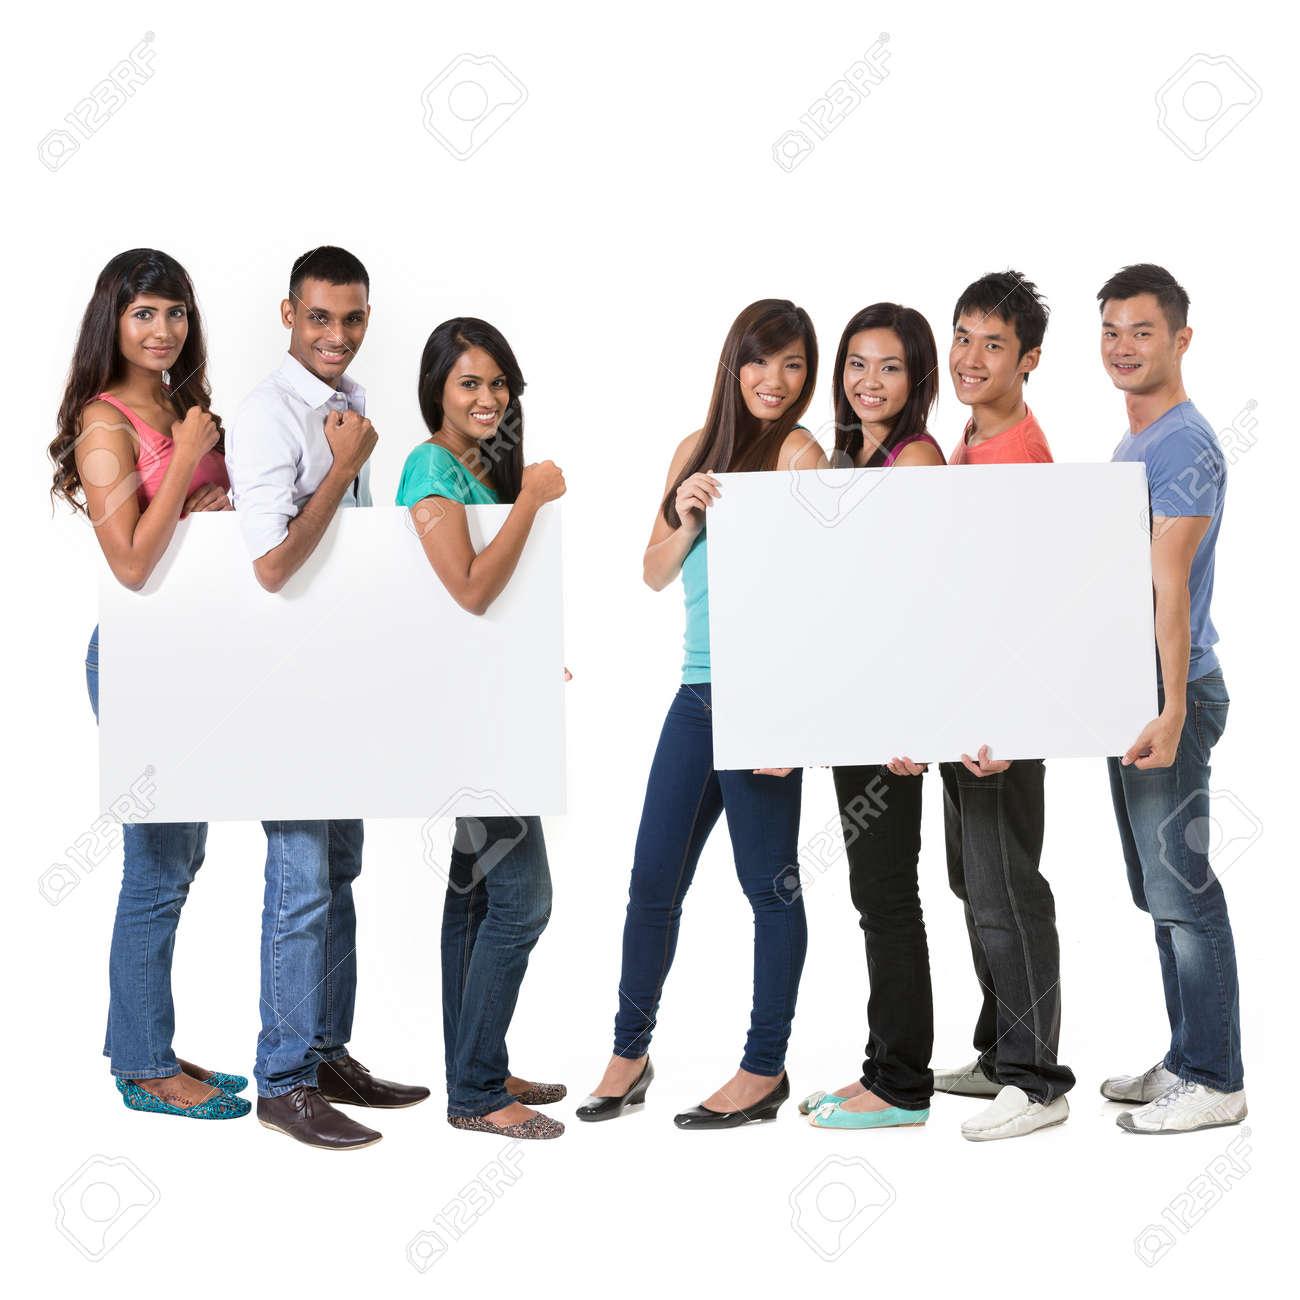 Deux Groupe de personnes asiatiques tenant une grande bannière pour votre message. Isolé sur fond blanc. Équipes indiennes et chinoises brandissant des pancartes. Banque d'images - 29578957